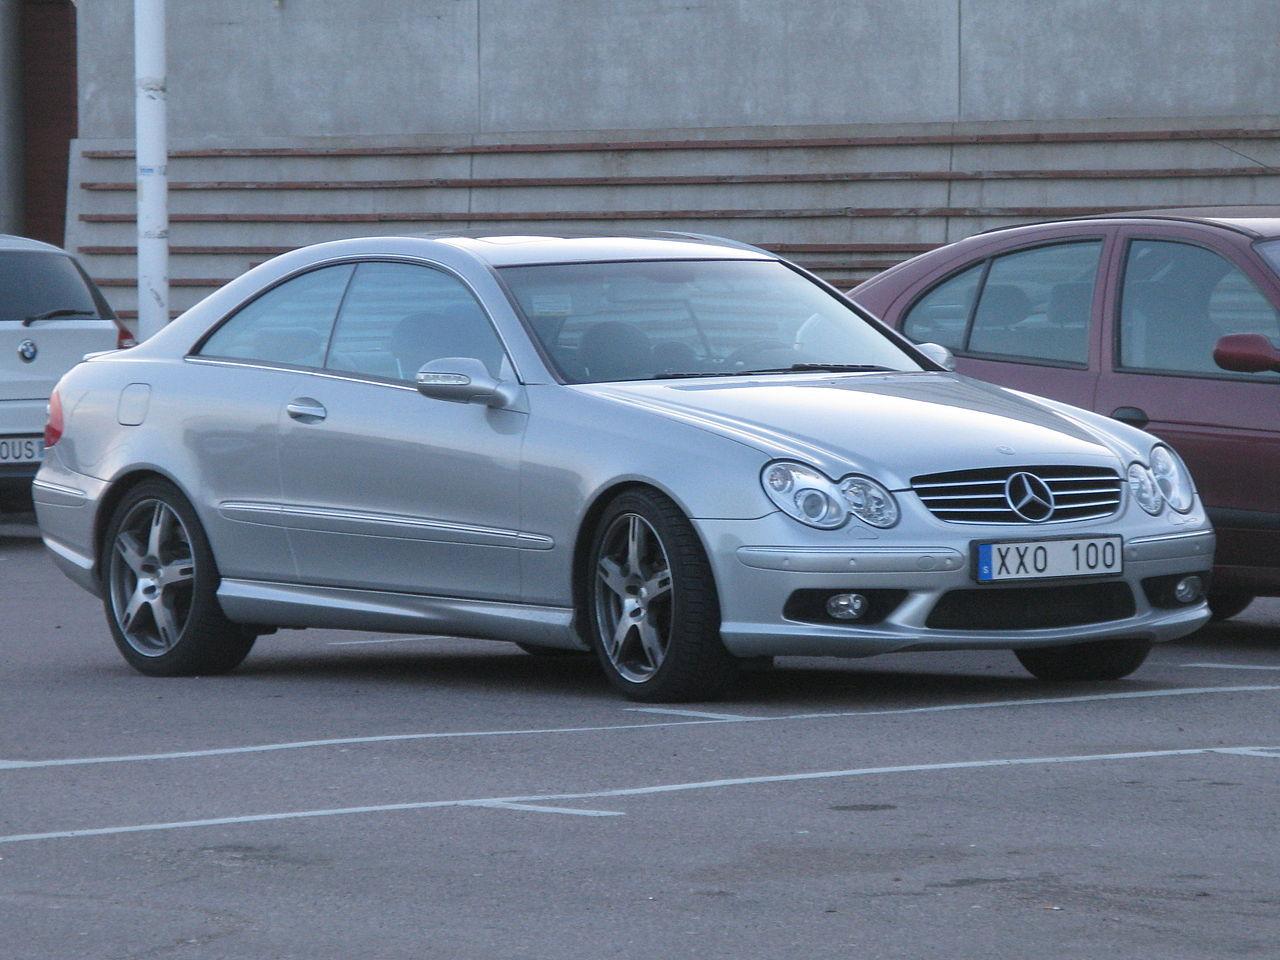 Mercedes-Benz CLK55 AMG (2002)